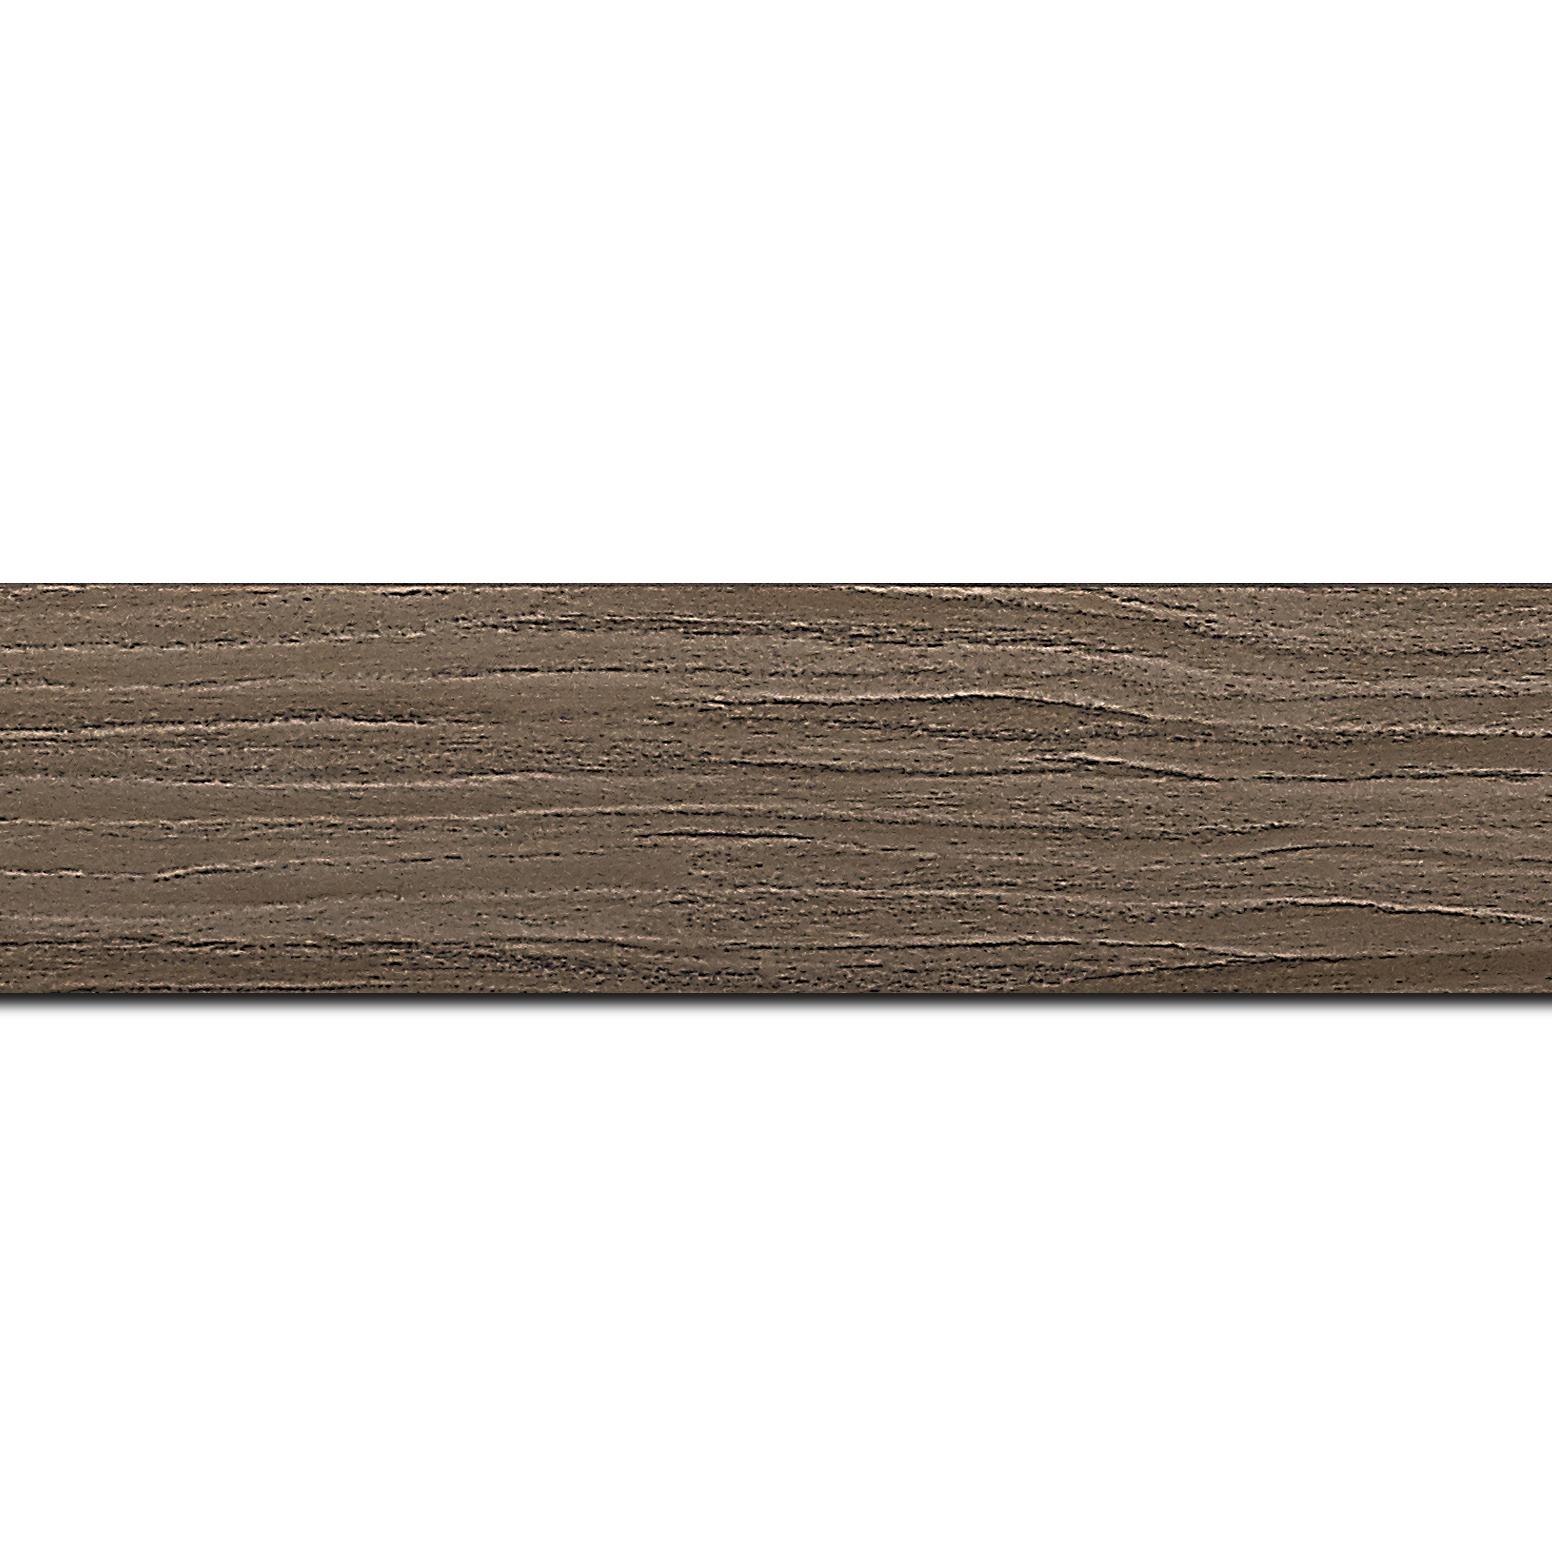 Pack par 12m, bois profil plat largeur 4.2cm décor bois noyer(longueur baguette pouvant varier entre 2.40m et 3m selon arrivage des bois)